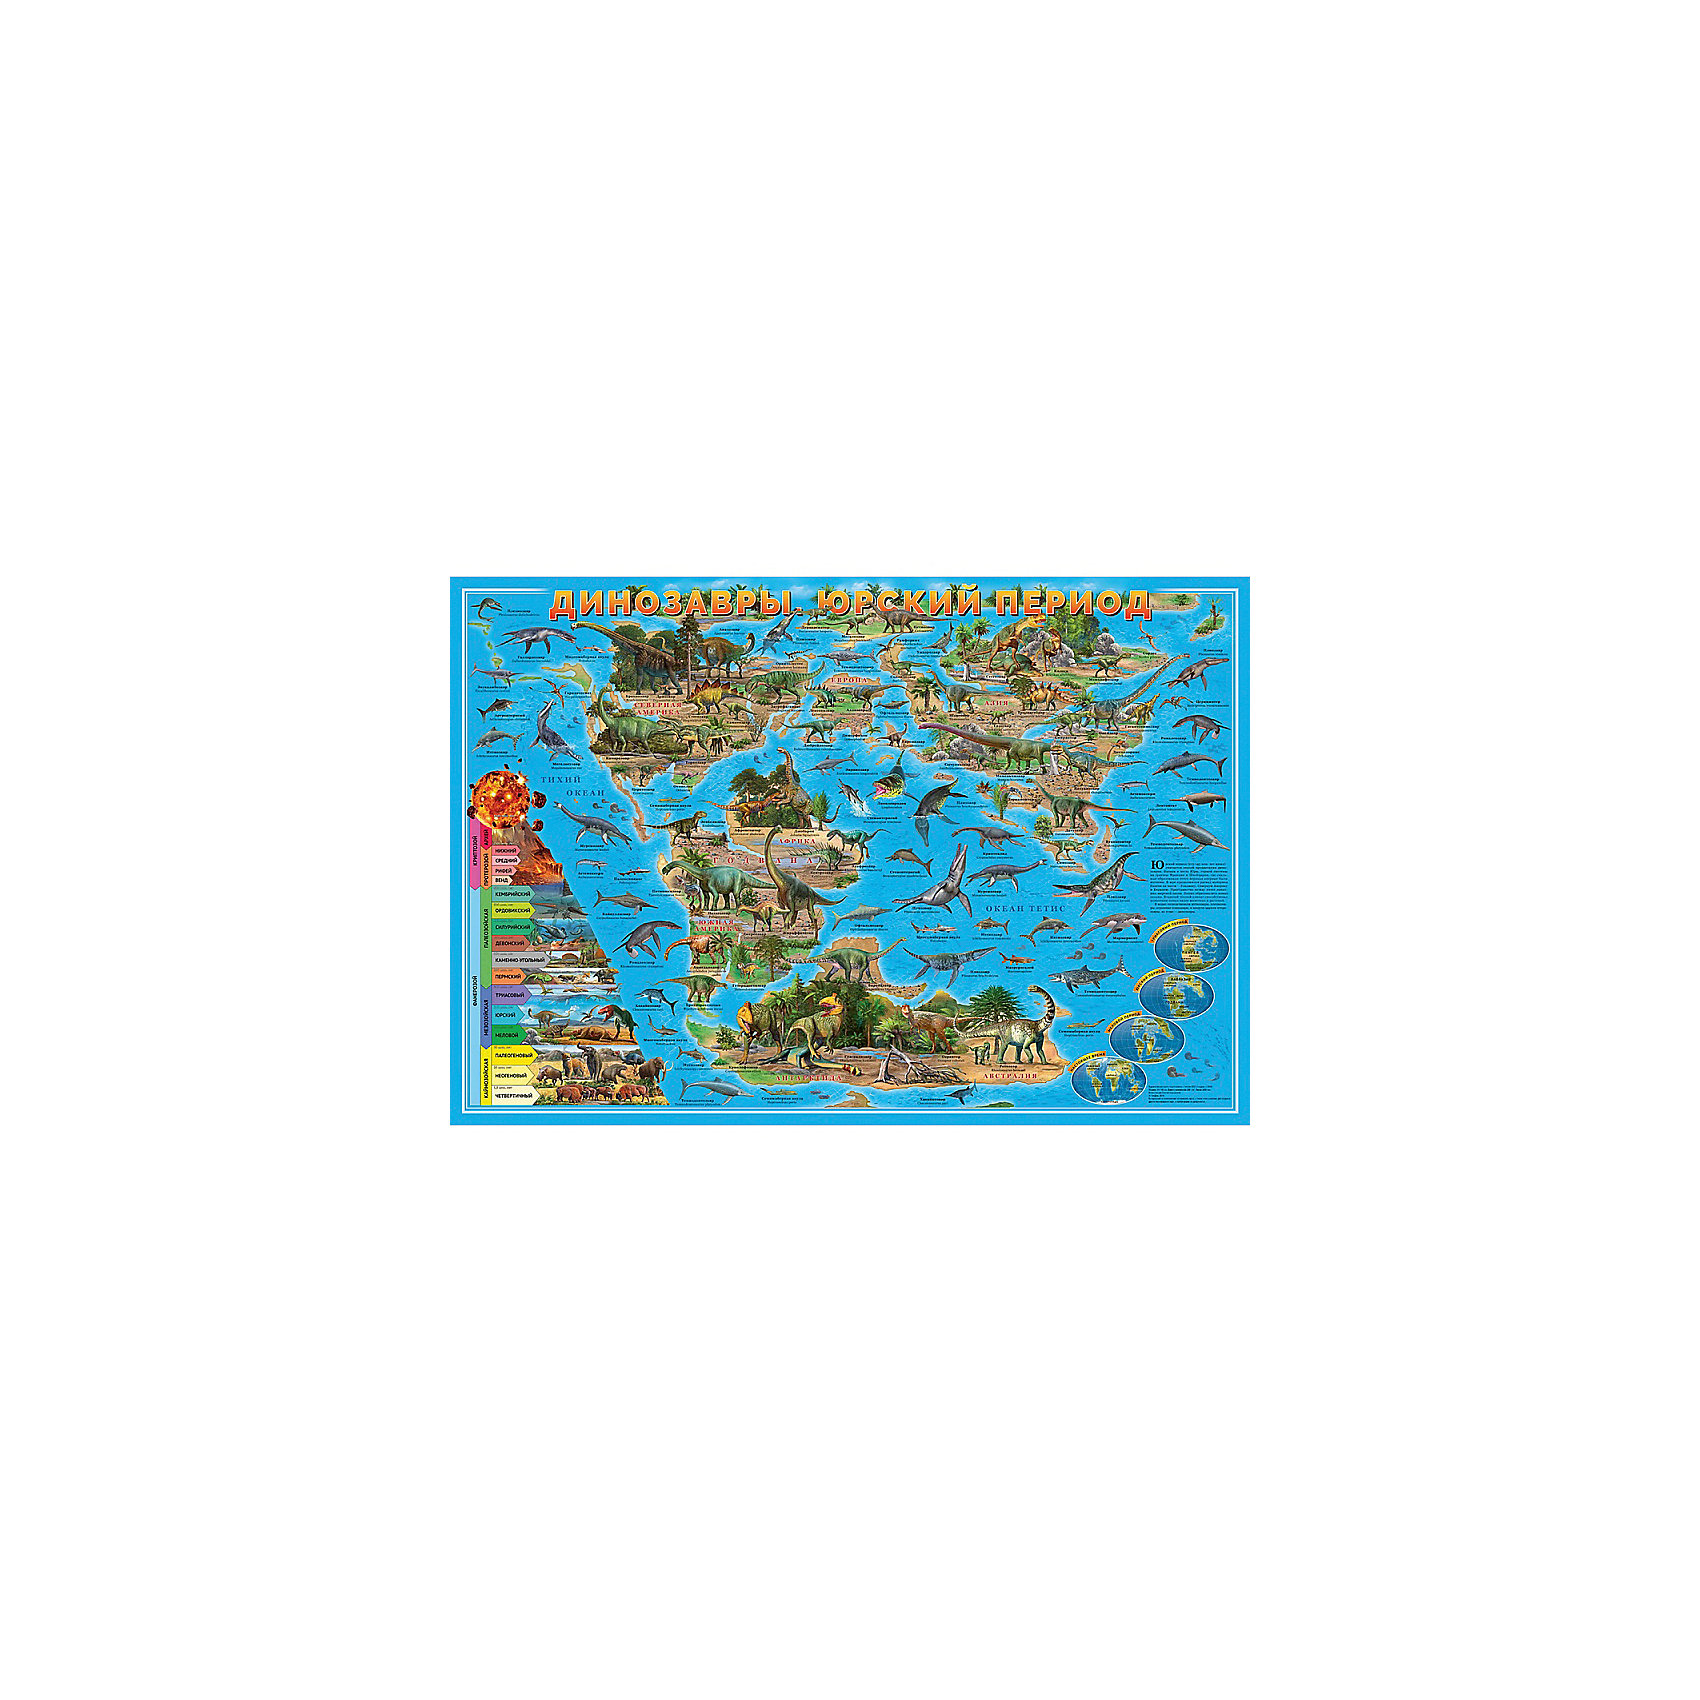 Настенная карта Динозавры: Юрский период 101*69 см, ламинированнаяАтласы и карты<br>Характеристики товара:<br><br>• материал: ламинированная бумага<br>• возраст: от 3 лет<br>• размер карты: 101х69х1 см<br>• вес: 150 г<br>• страна производитель: Россия<br><br>Задумывались ли вы о том, как располагались материки на нашей планете в древние времена? Какие обитатели населяли их? Карта «Динозавры. Юрский период» наглядно иллюстрирует положение материков и представляет обитателей Земли во времена Юрского периода. Огромные и устрашающие динозавры, птерозавры, ихтиозавры, плиозавры – царили на Земле. Кроме того, на карте представлена схема континентального дрейфа и временная шкала истории Земли.<br><br>Настенную карту Динозавры: Юрский период 101*69 см, ламинированную можно купить в нашем интернет-магазине.<br><br>Ширина мм: 1010<br>Глубина мм: 690<br>Высота мм: 1<br>Вес г: 150<br>Возраст от месяцев: 36<br>Возраст до месяцев: 2147483647<br>Пол: Унисекс<br>Возраст: Детский<br>SKU: 5422995